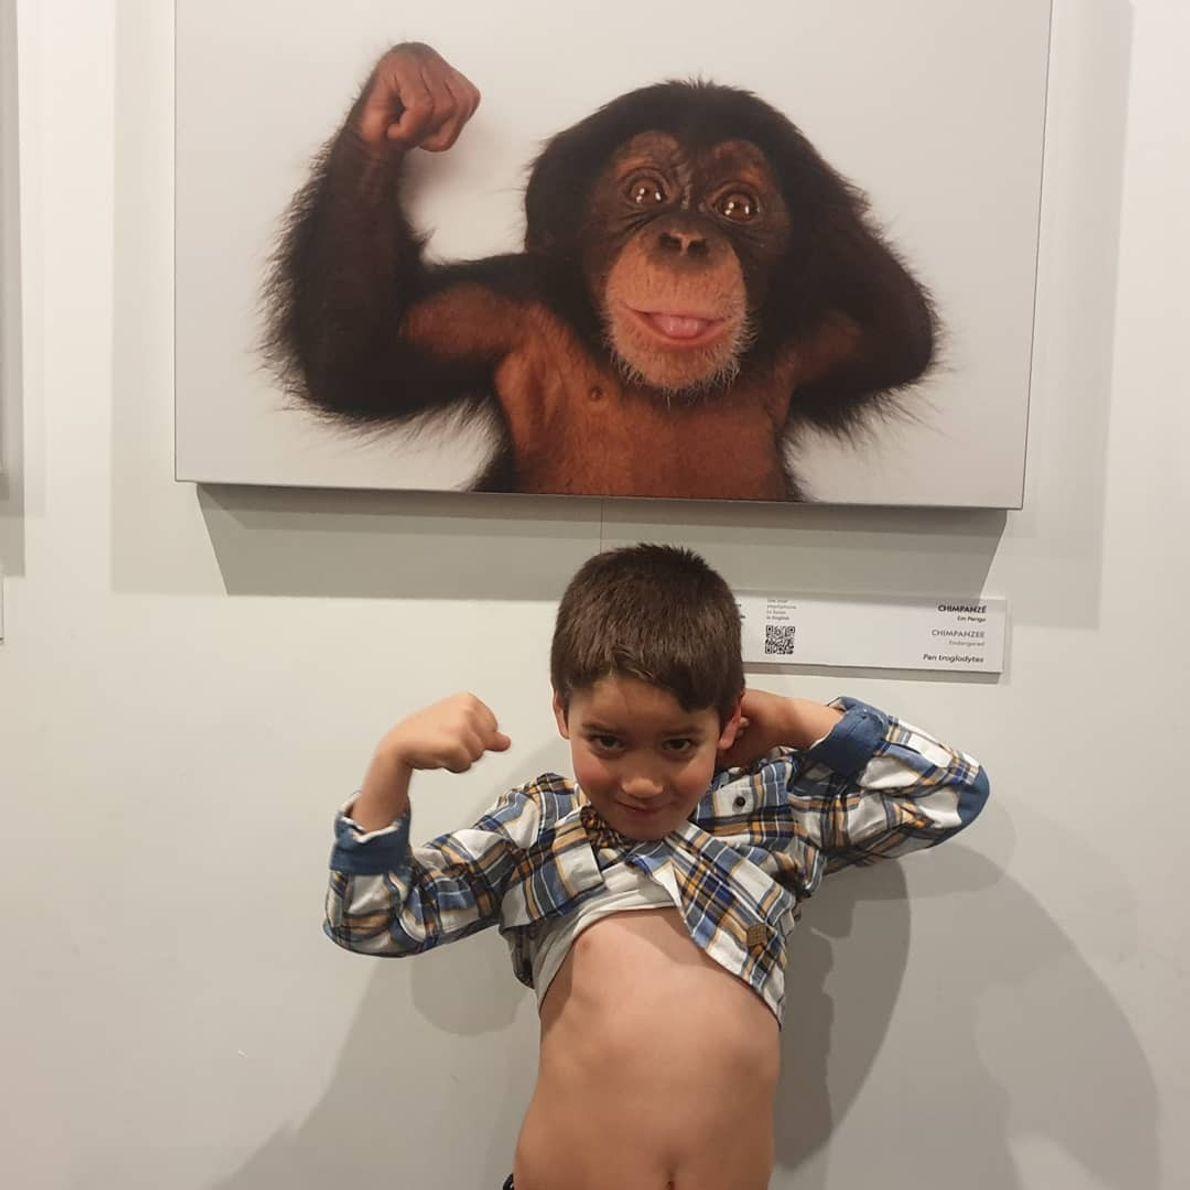 Imagem da vencedora @a_roque00 na exposição Photo Ark